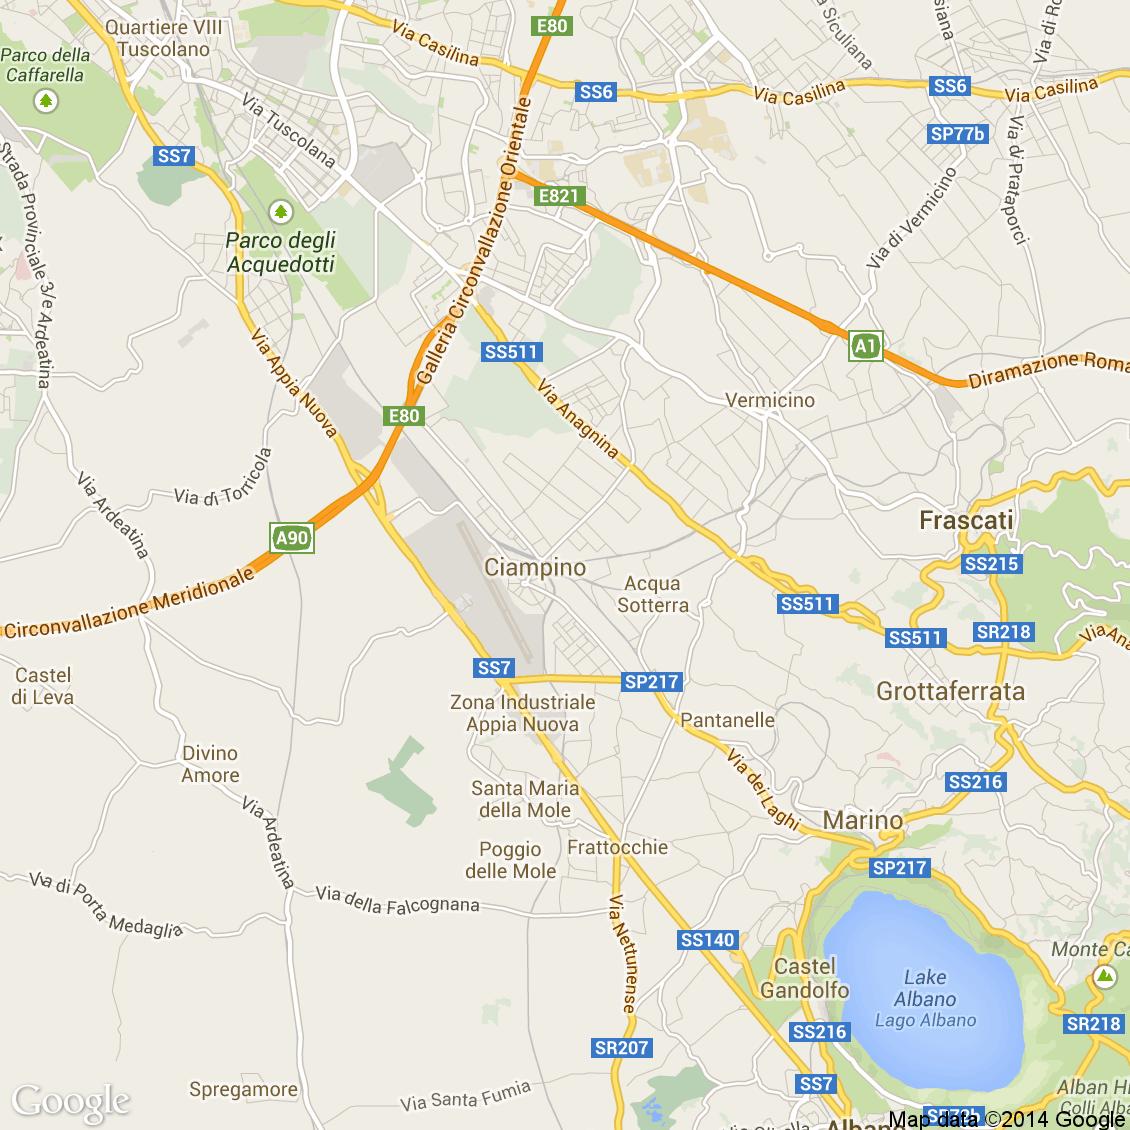 Cartina Roma Ciampino.Foto Dall Alto Delle Strade Del Comune Di Ciampino Media E Alta Risoluzione